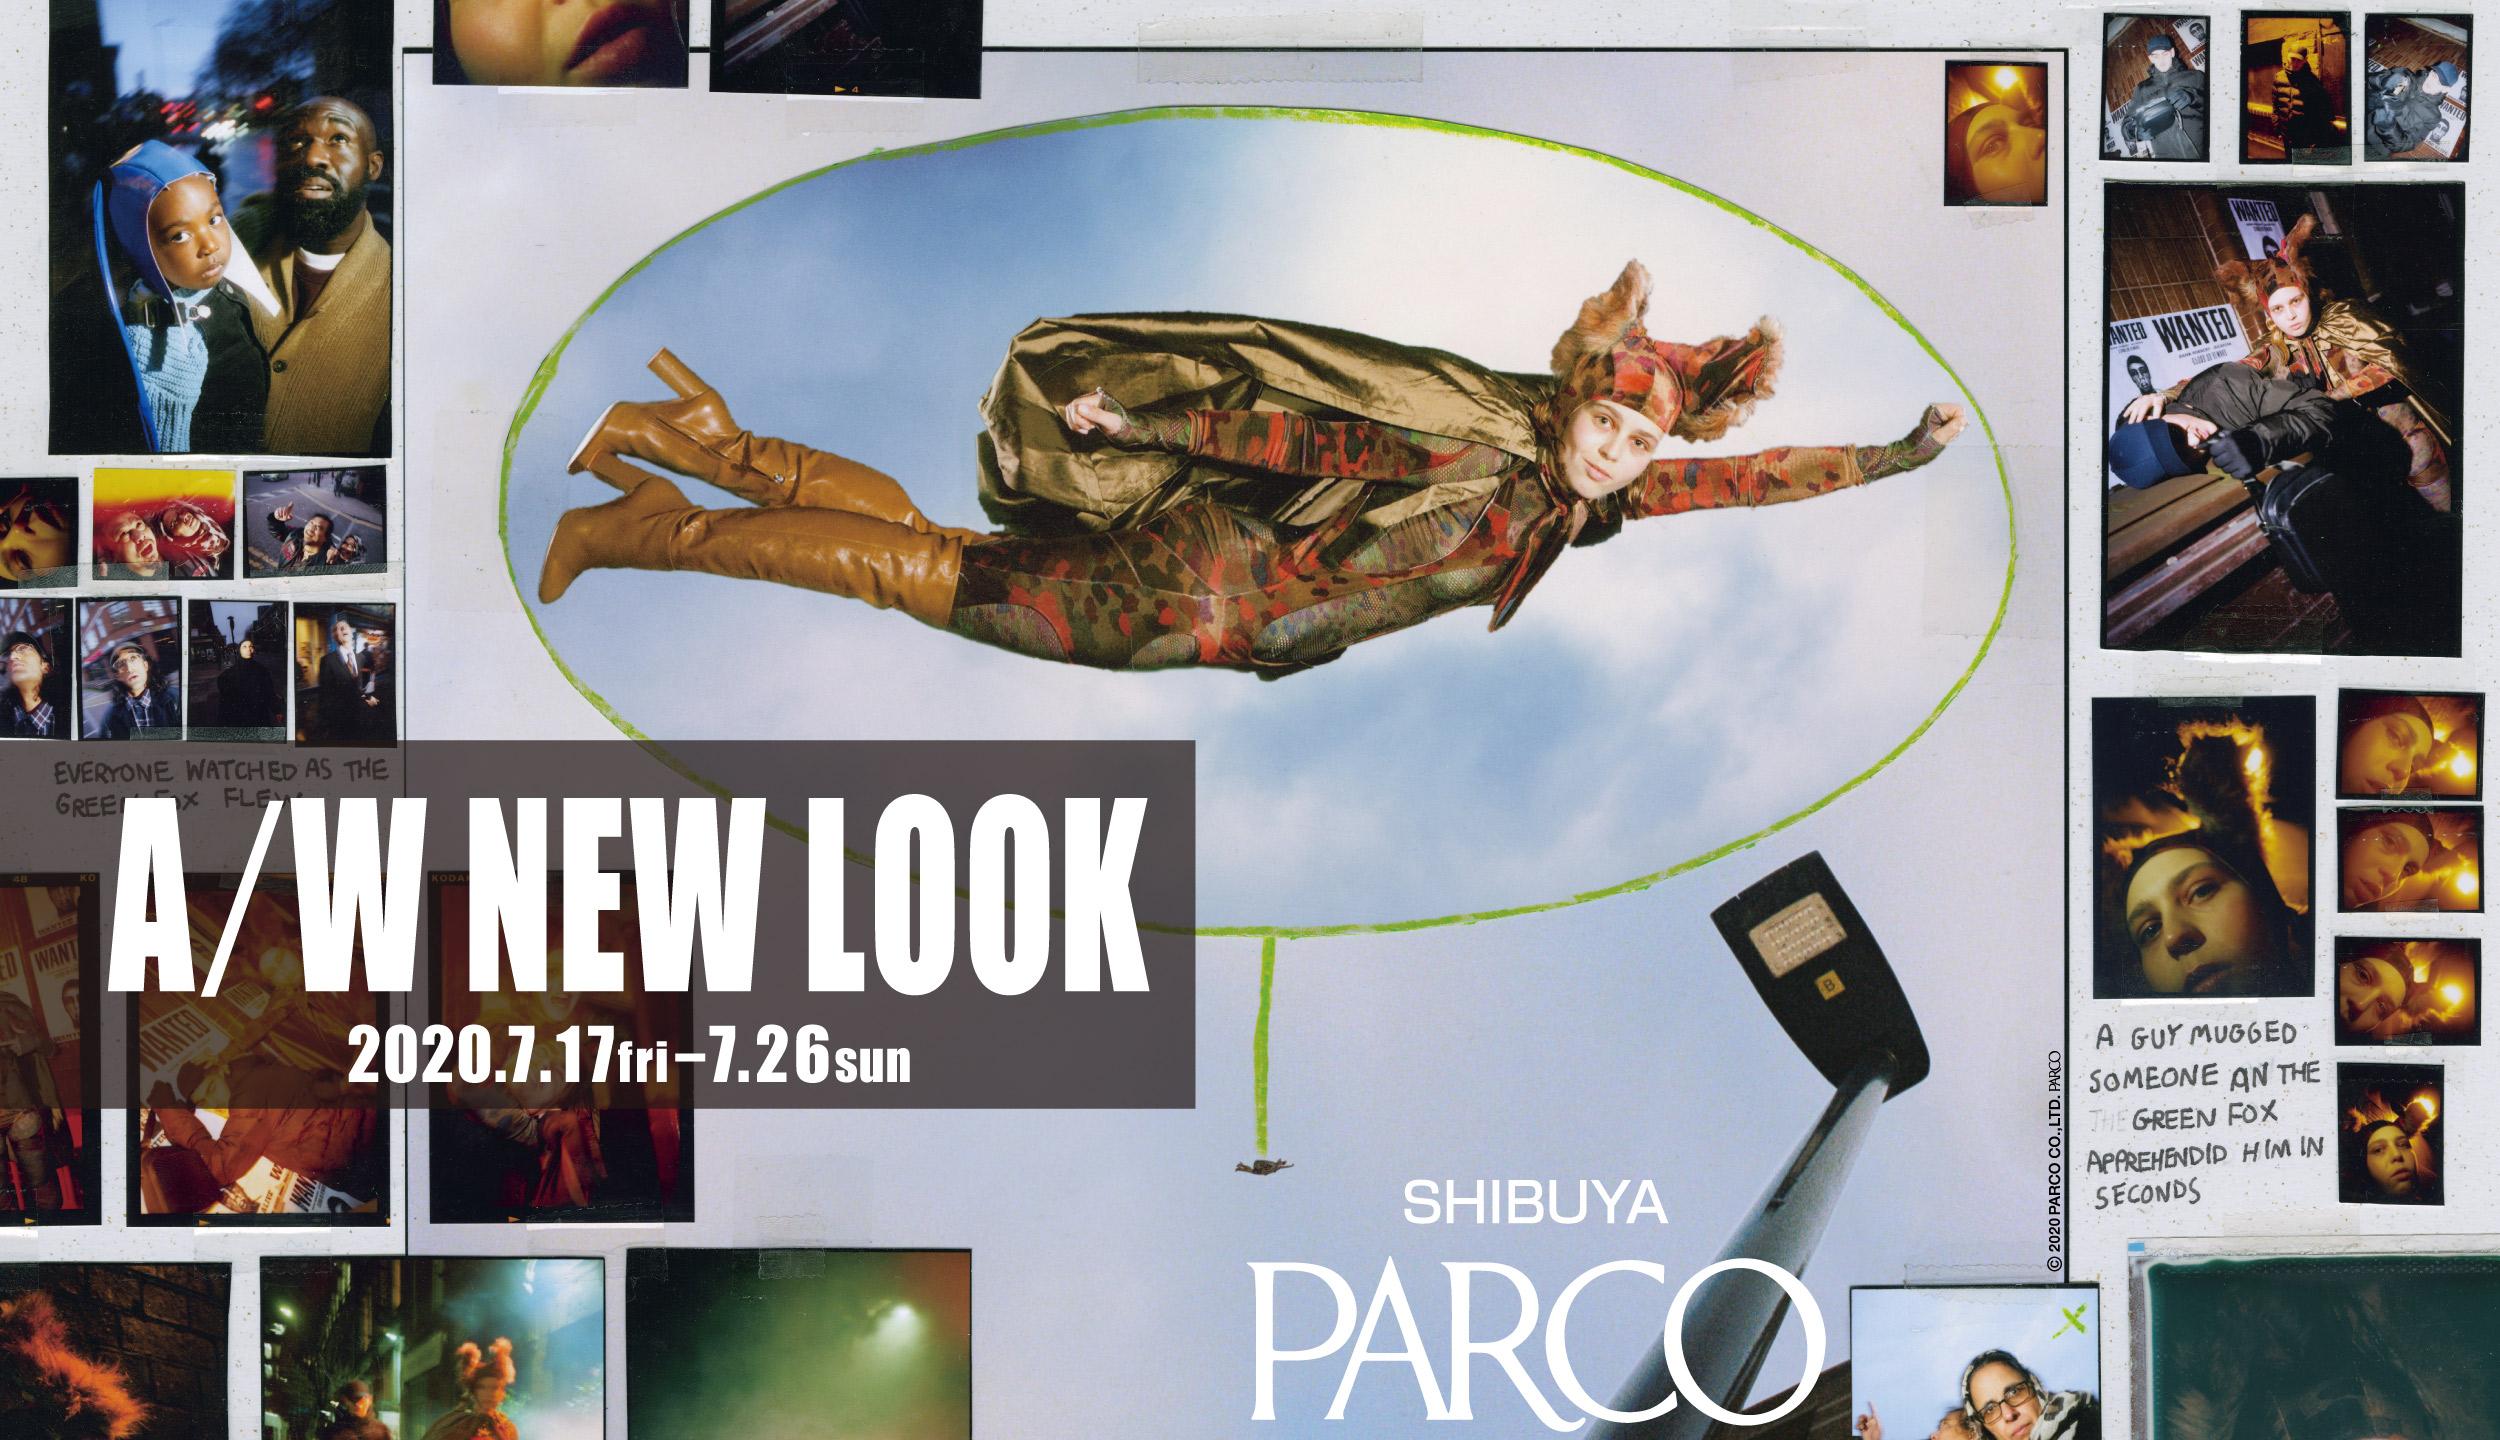 """秋冬の旬をいち早く。渋谷PARCOだけのSPECIAL WEEK """"SHIBUYA PARCO A/W NEW LOOK"""" """